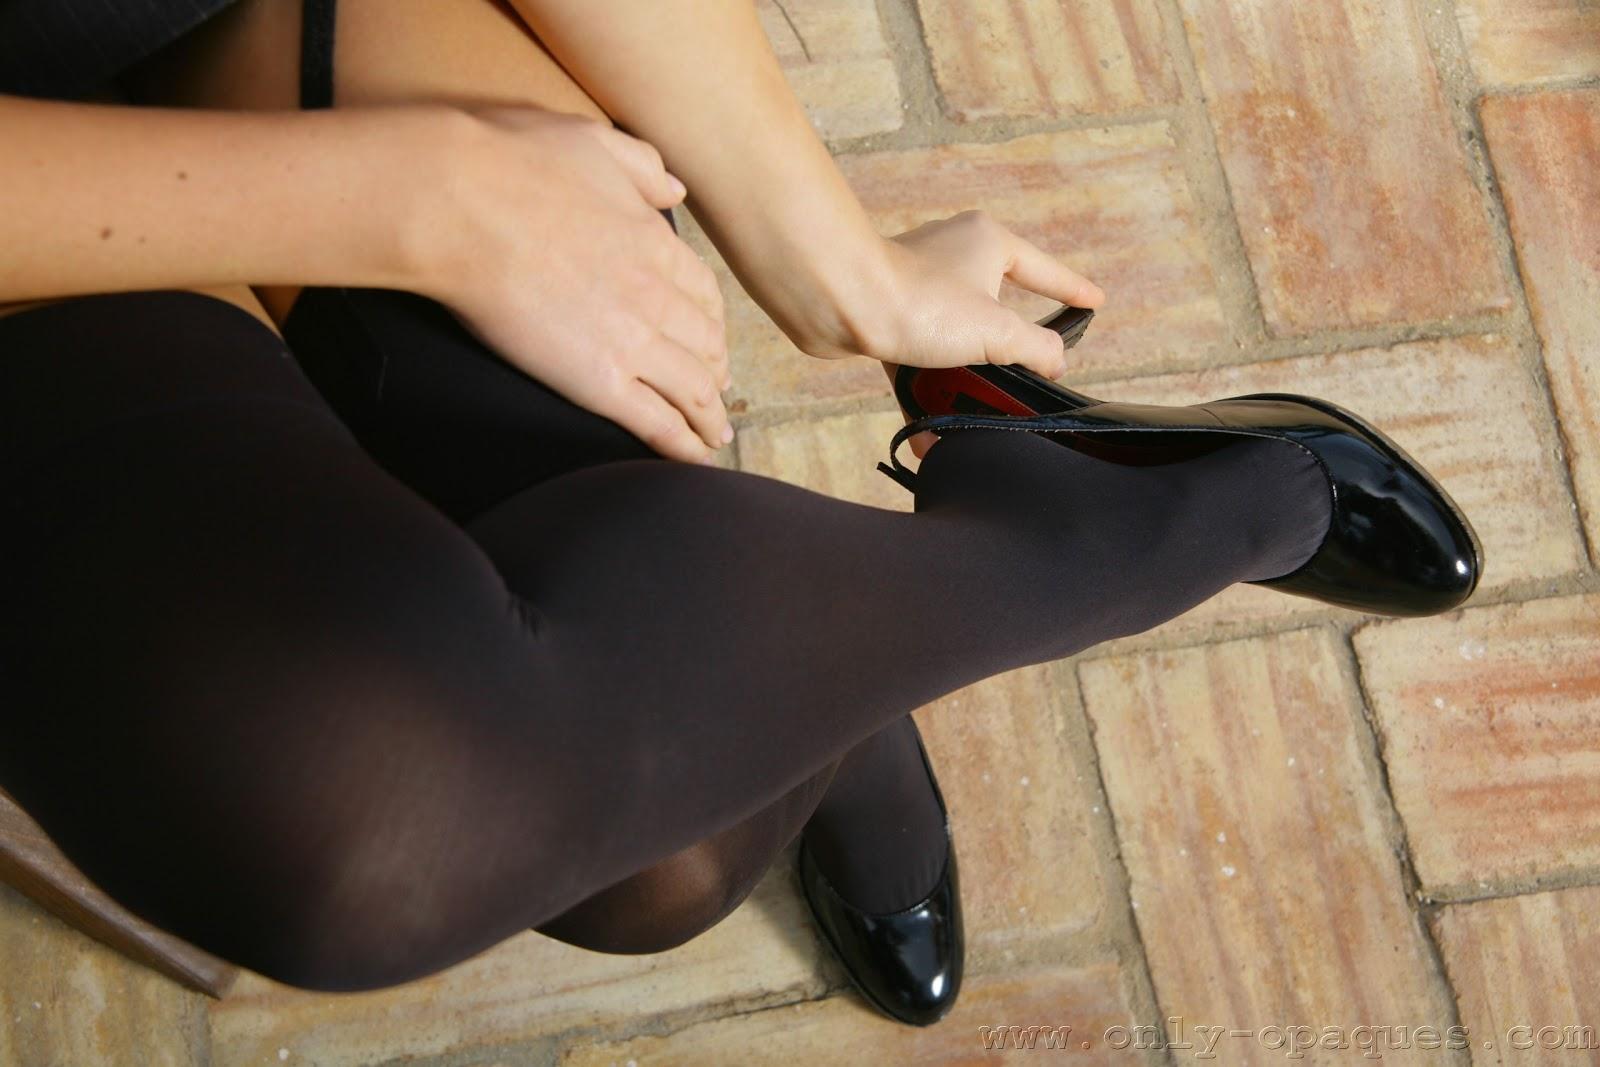 Sexy Feet Photos